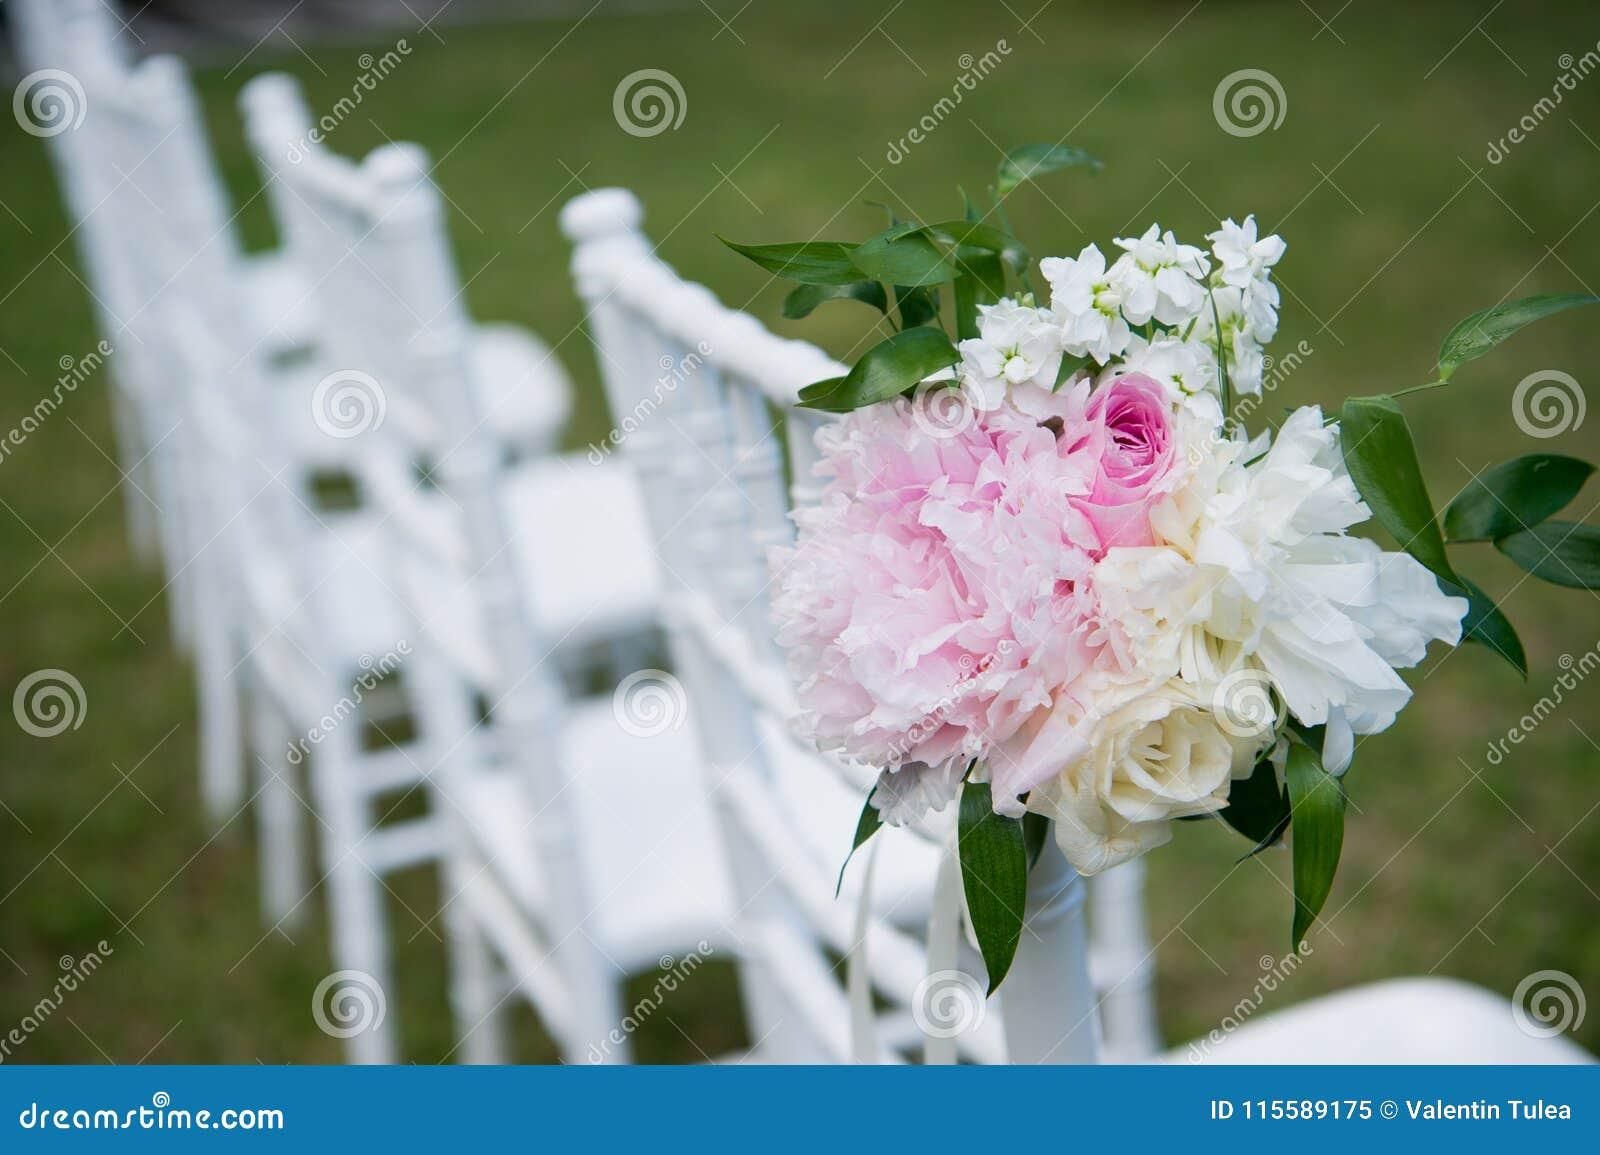 Verzierter Heiratsstuhl Formal, Heirat